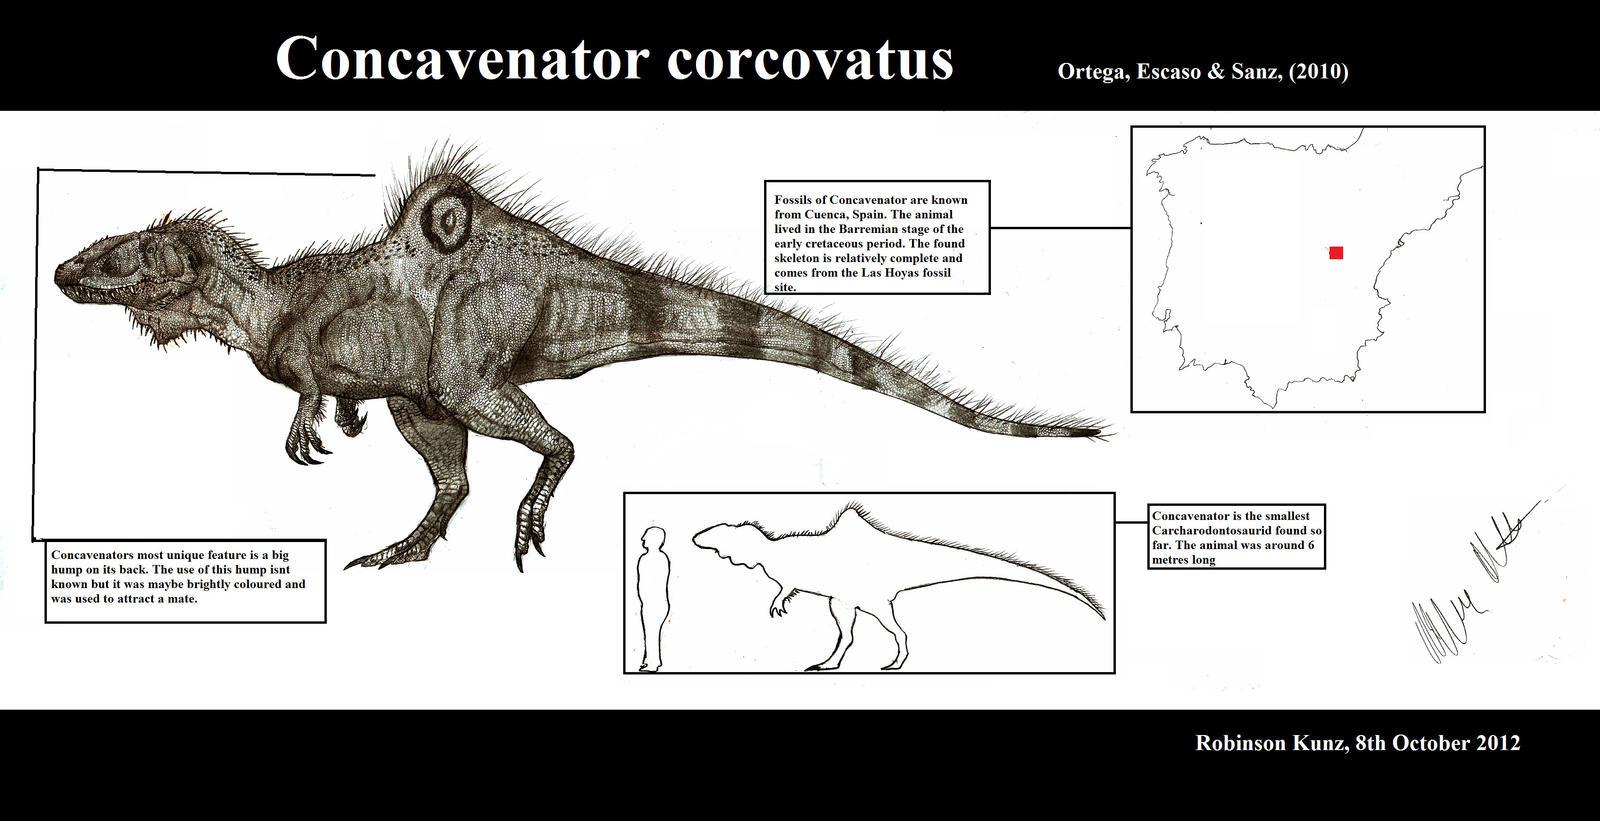 Concavenator corcovatus